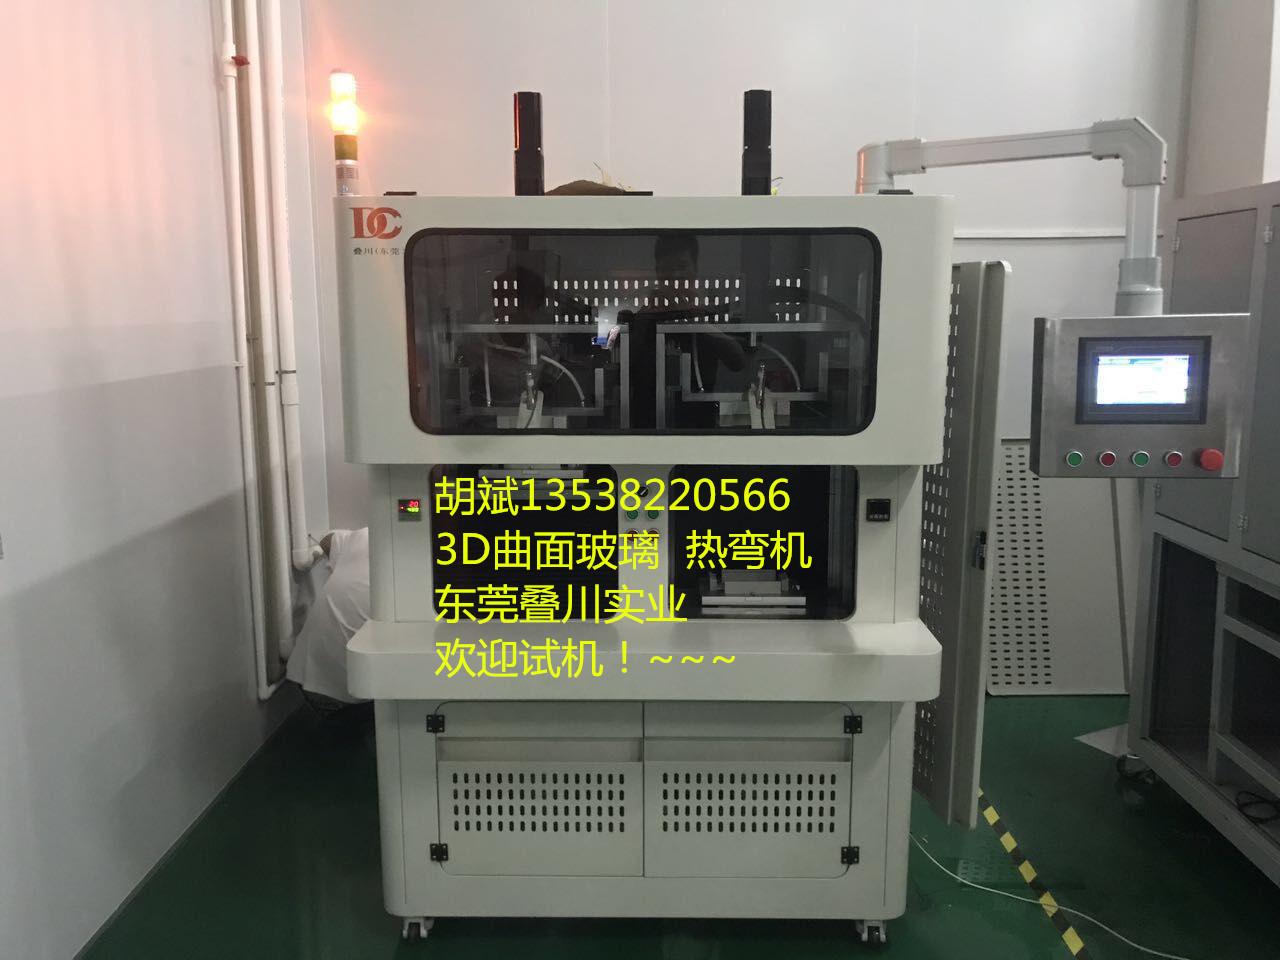 东莞叠川实业生产直销3D曲面玻璃热弯机 全数控玻璃热弯成型机 手机玻璃热弯成型机